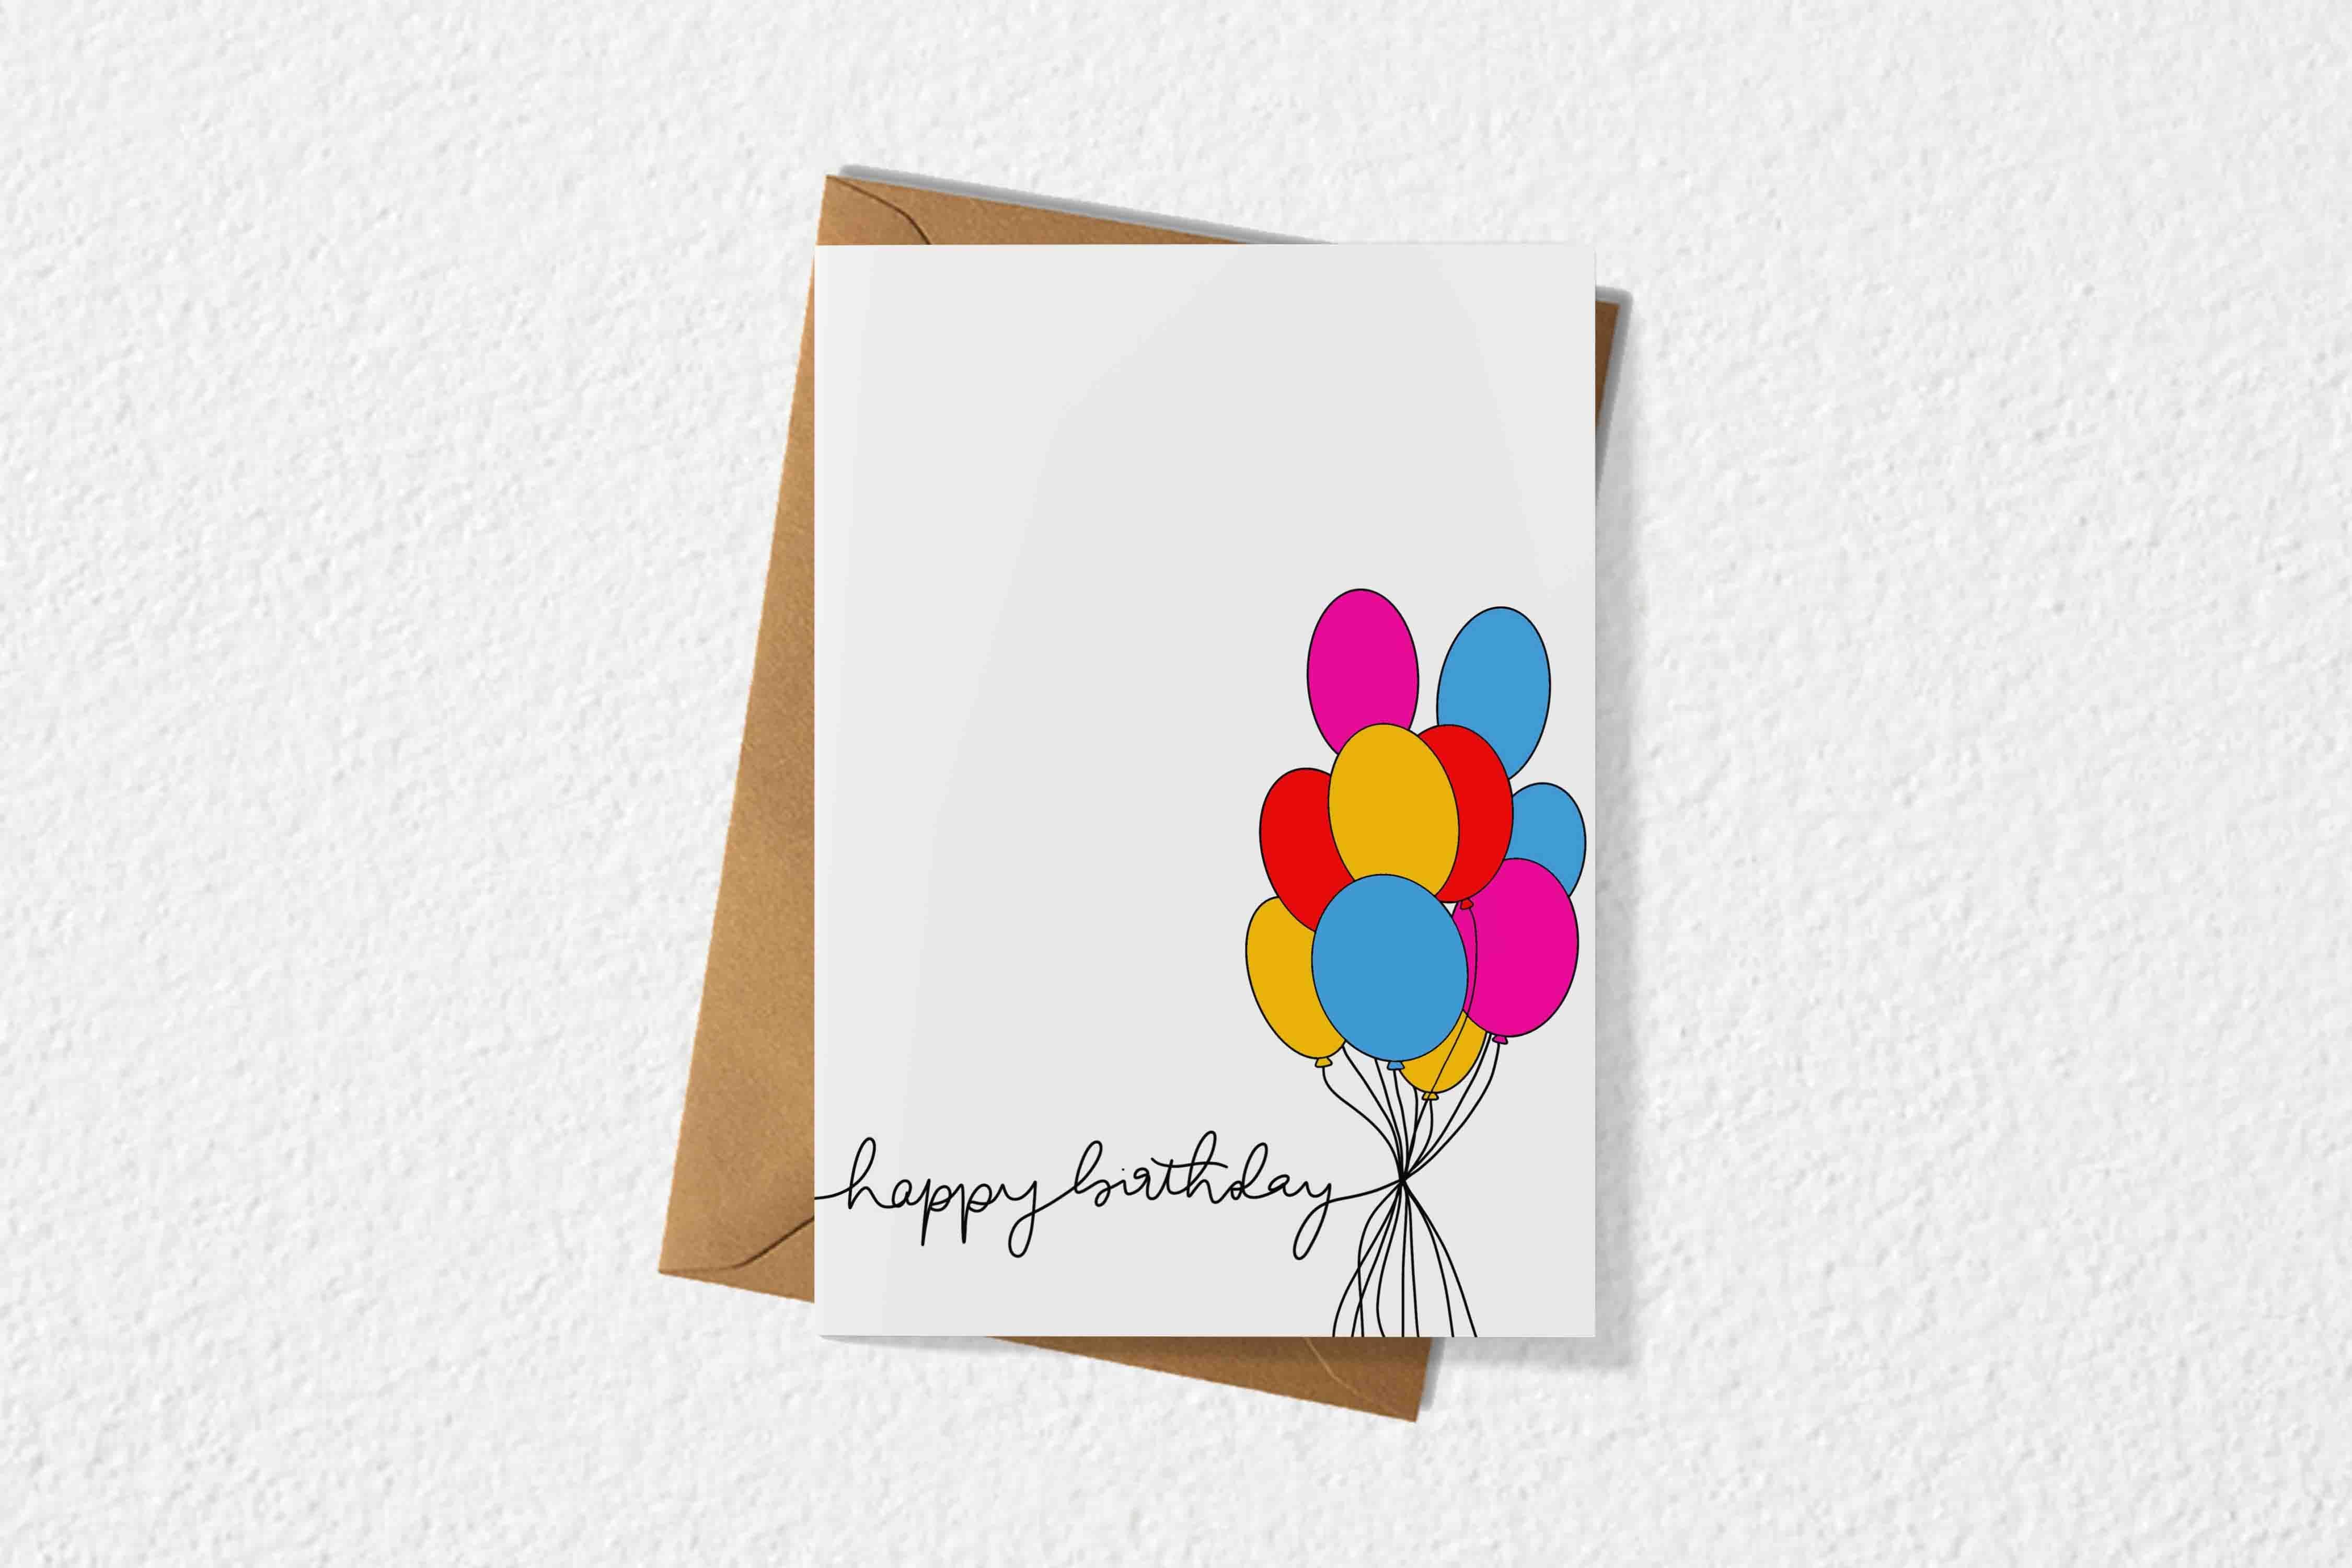 Birthday Card Bundled Balloon Design Birthday Cards Balloon Design Cards